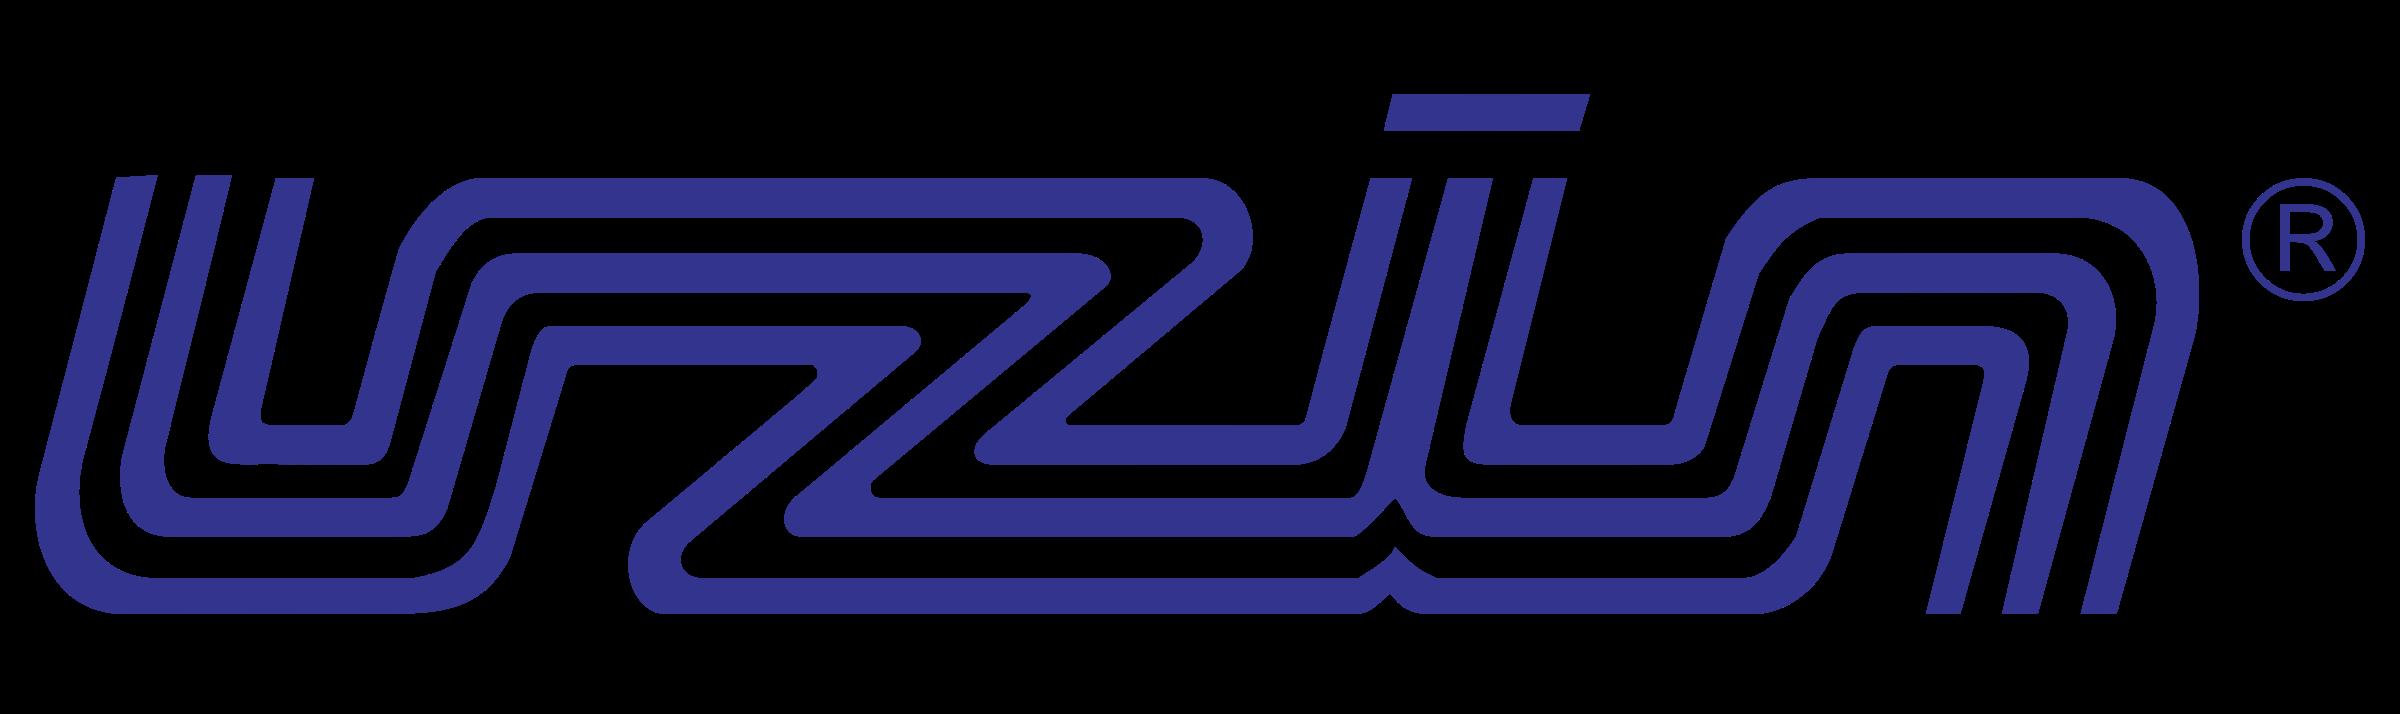 Unzin